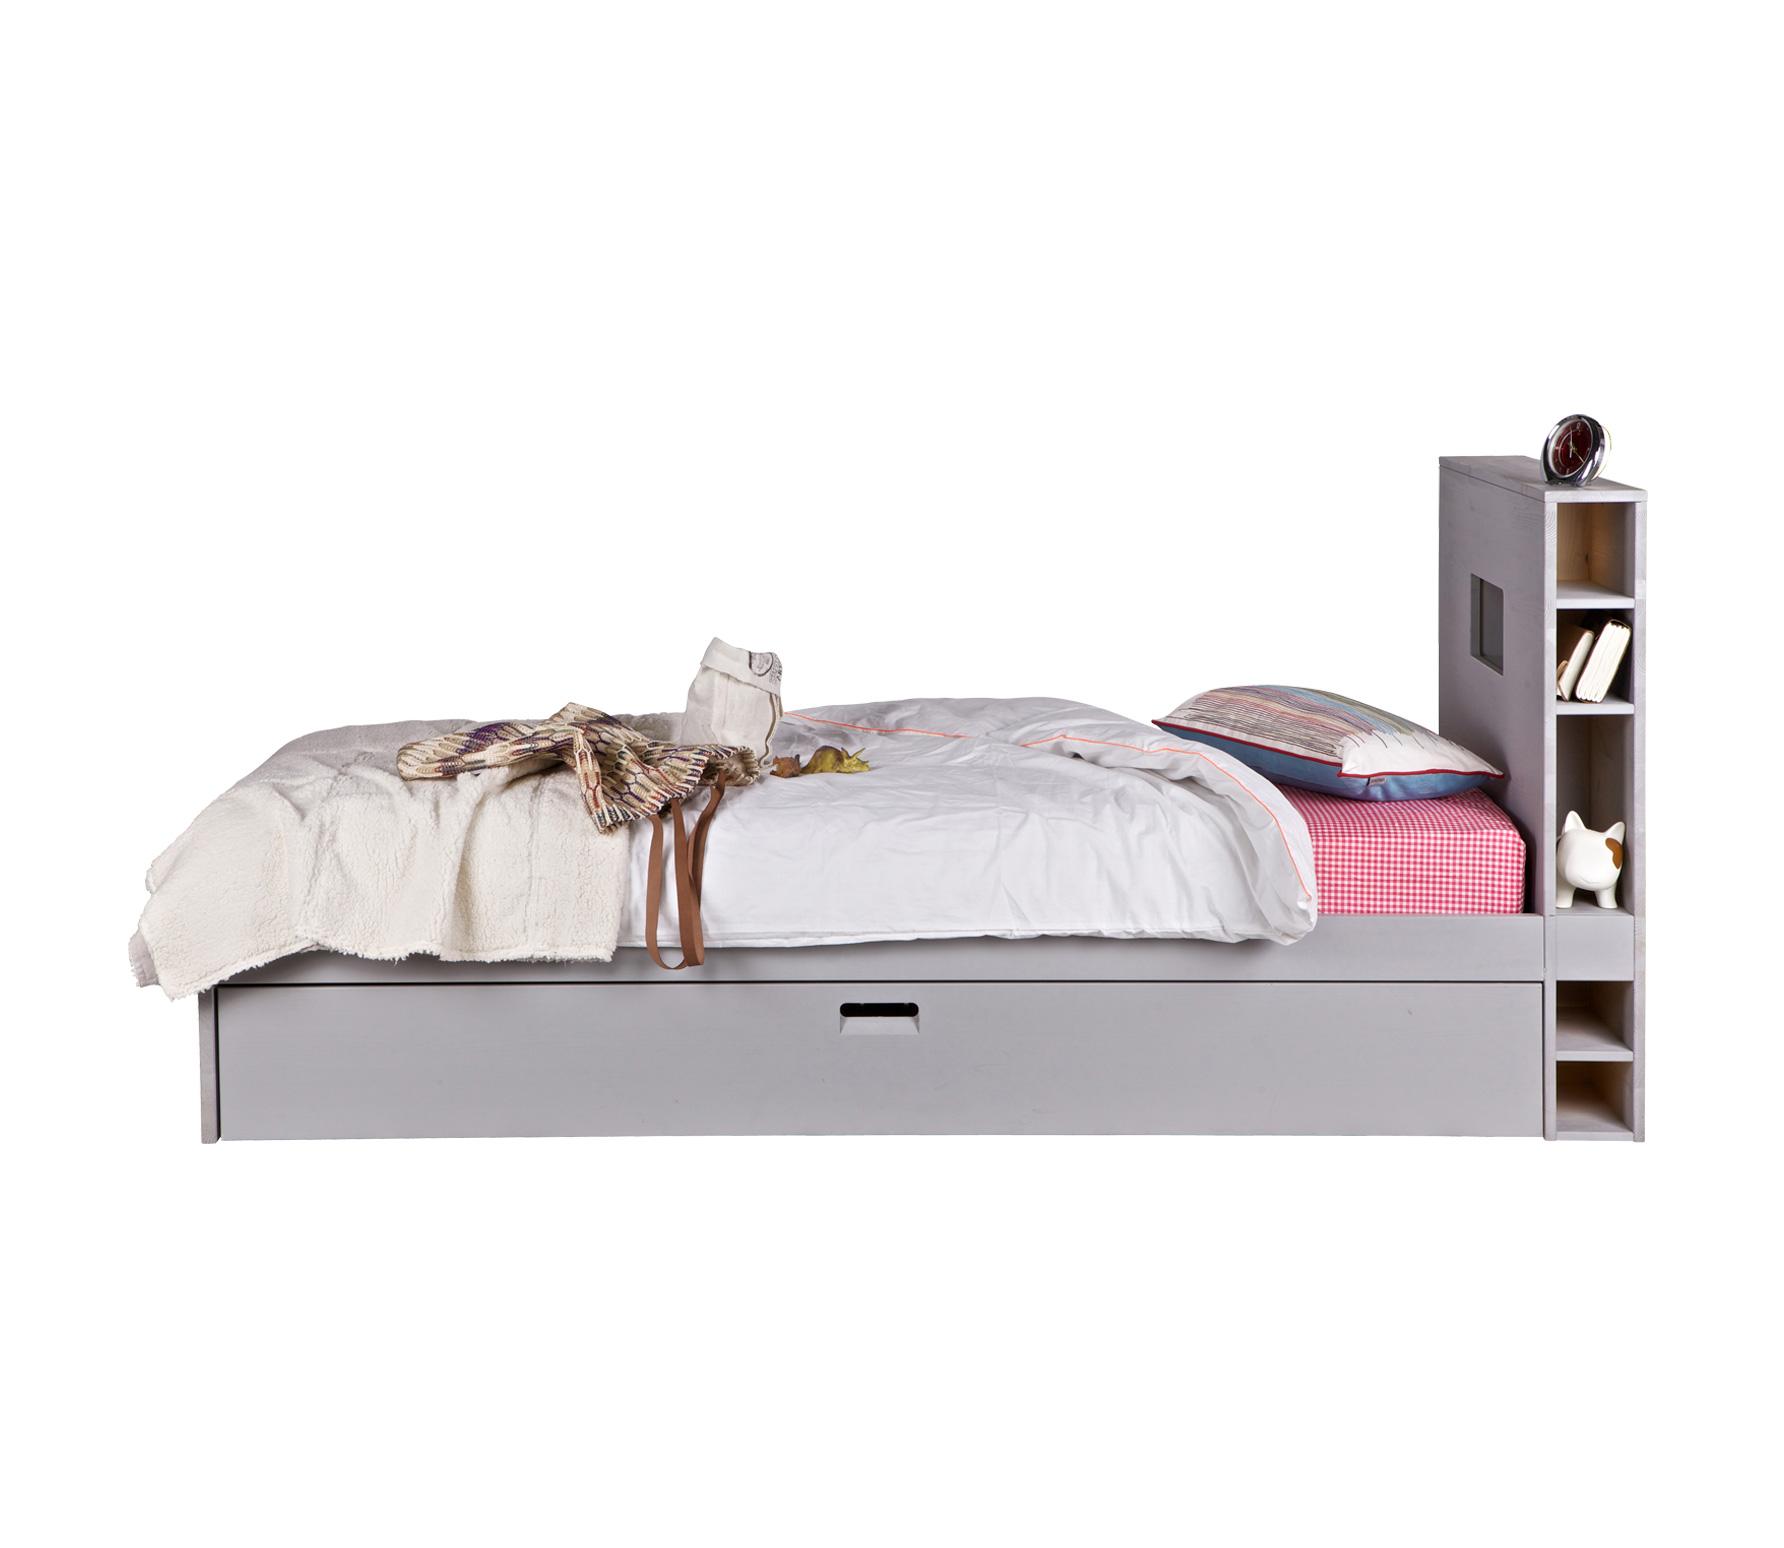 vtwonen Store junior bed 90x200 cm met matraslade grenen grijs